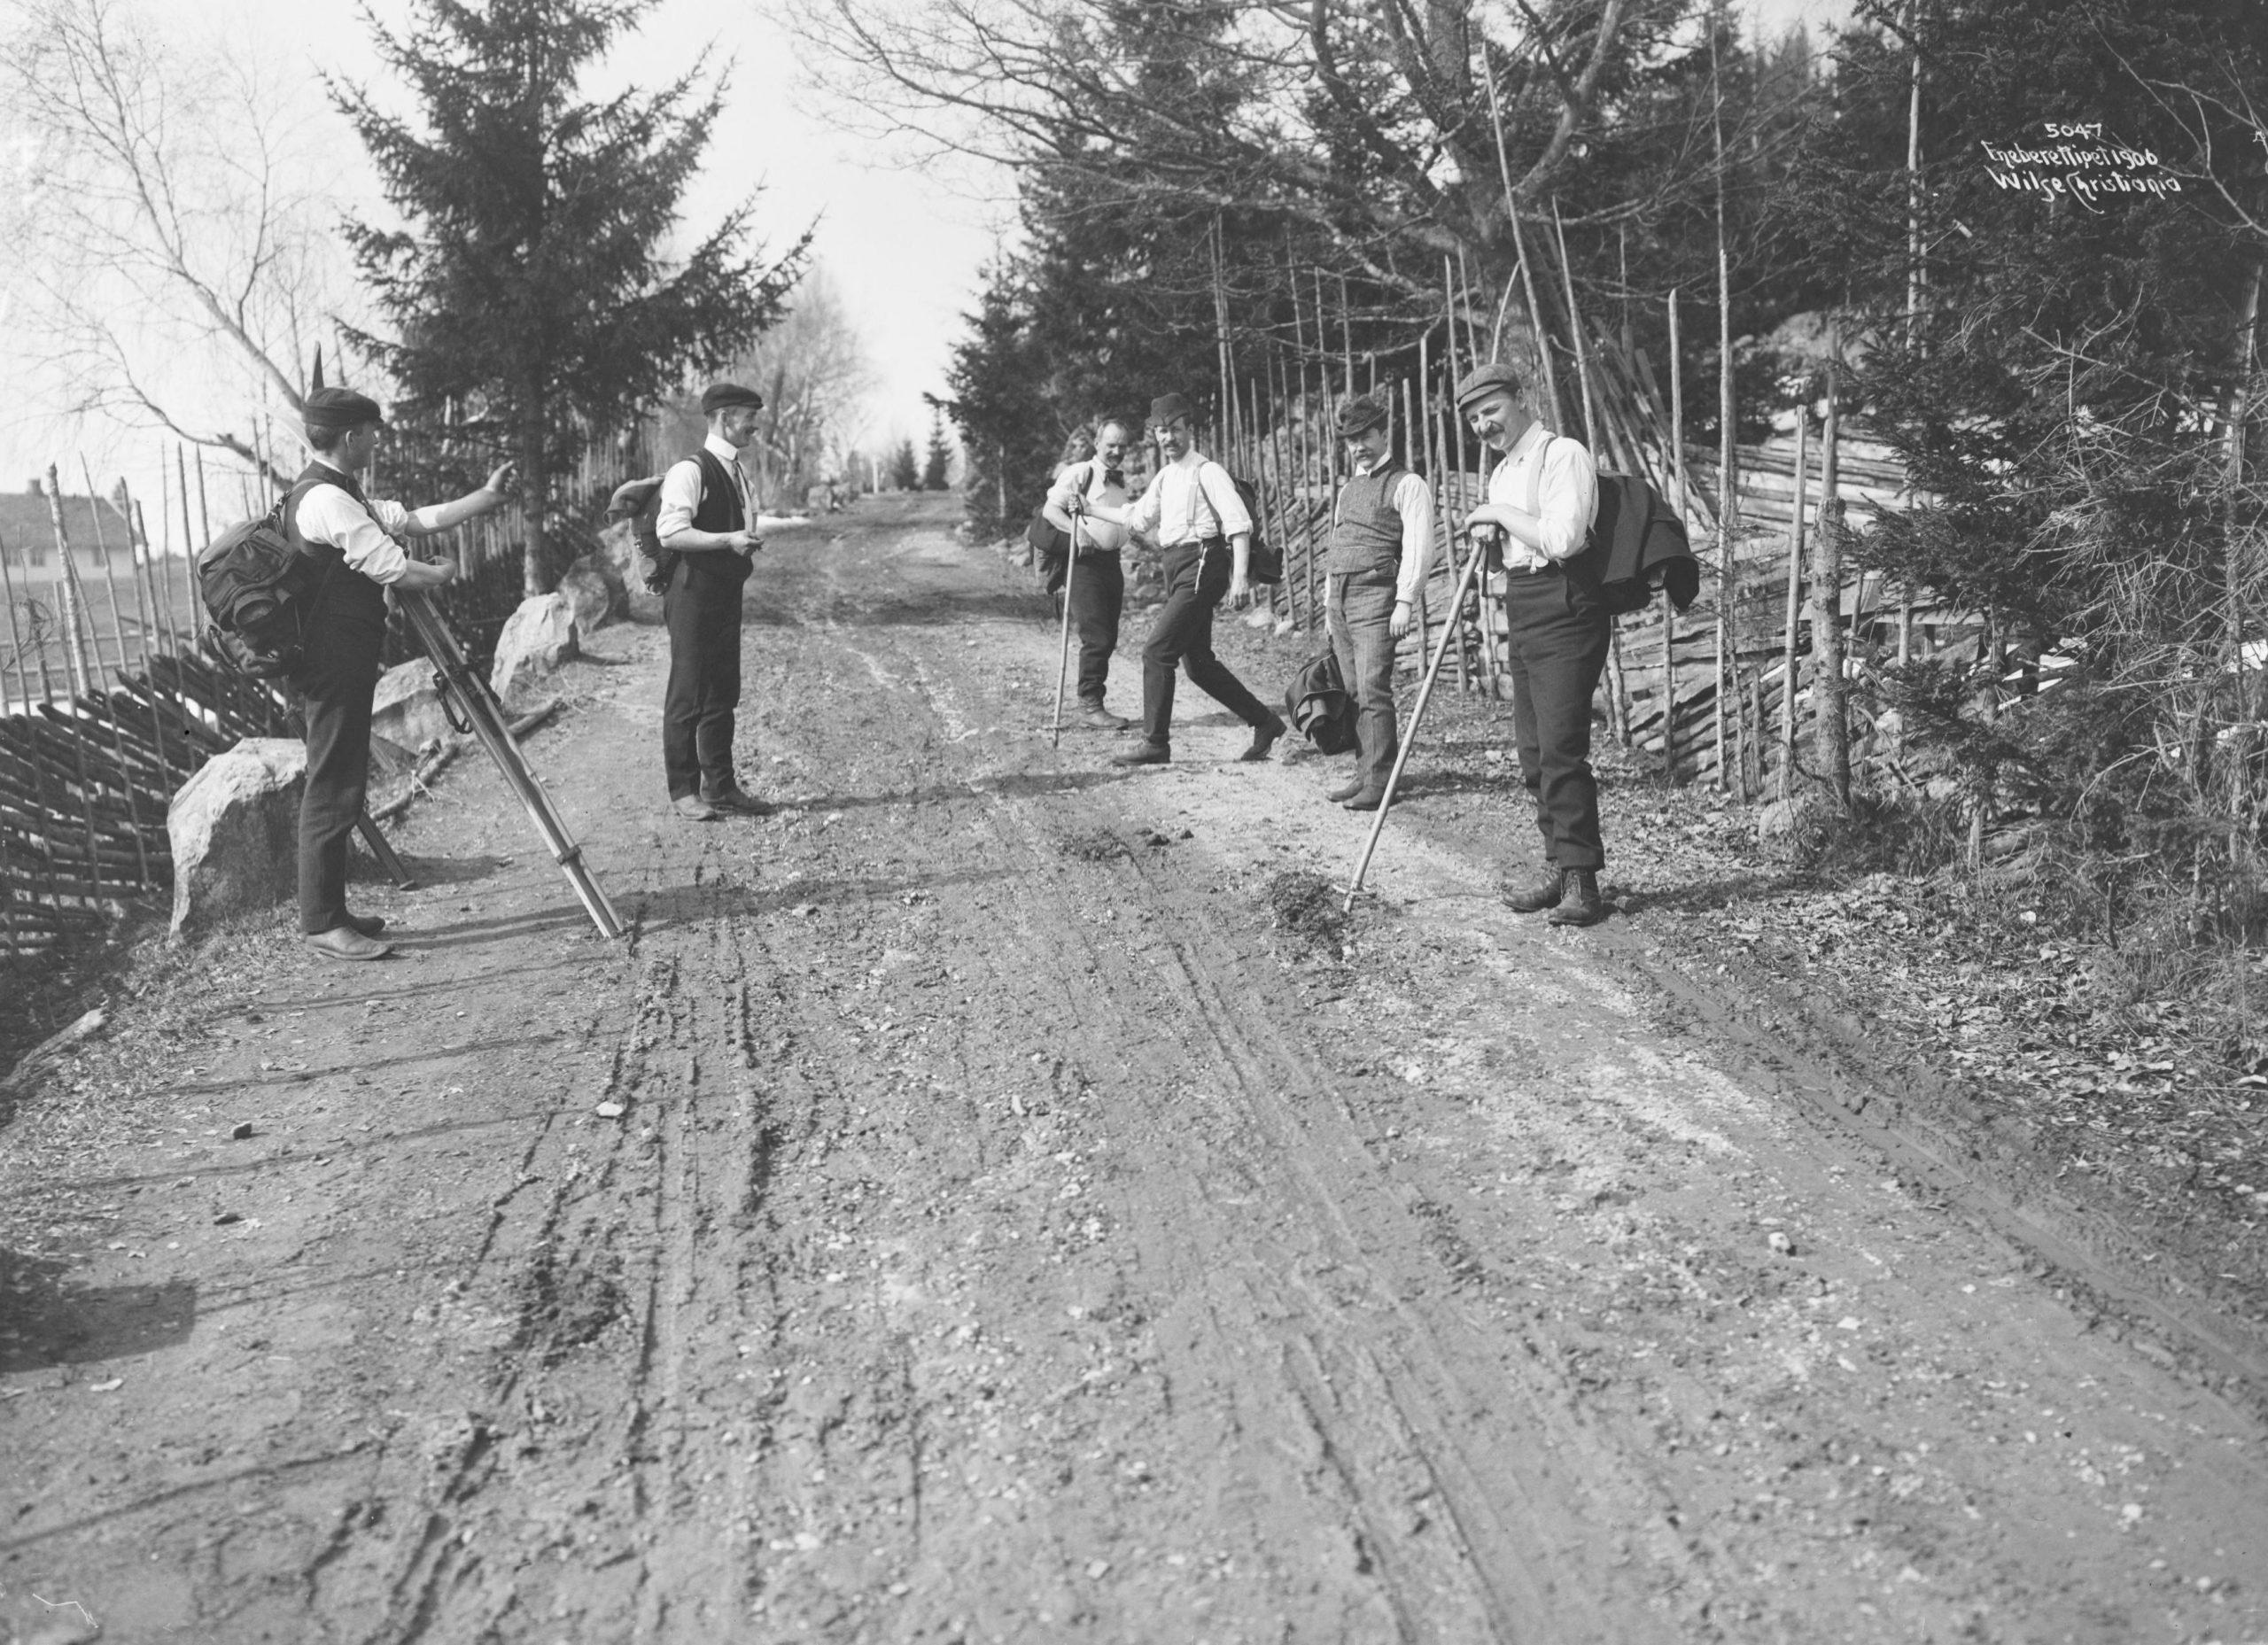 On their way home. Brøttum, Sjusjøen, Ringsaker, Hedmark, Norway - Easter in 1906. | Photo: Anders Beer Wilse - Norsk Folkemuseum cc pdm.